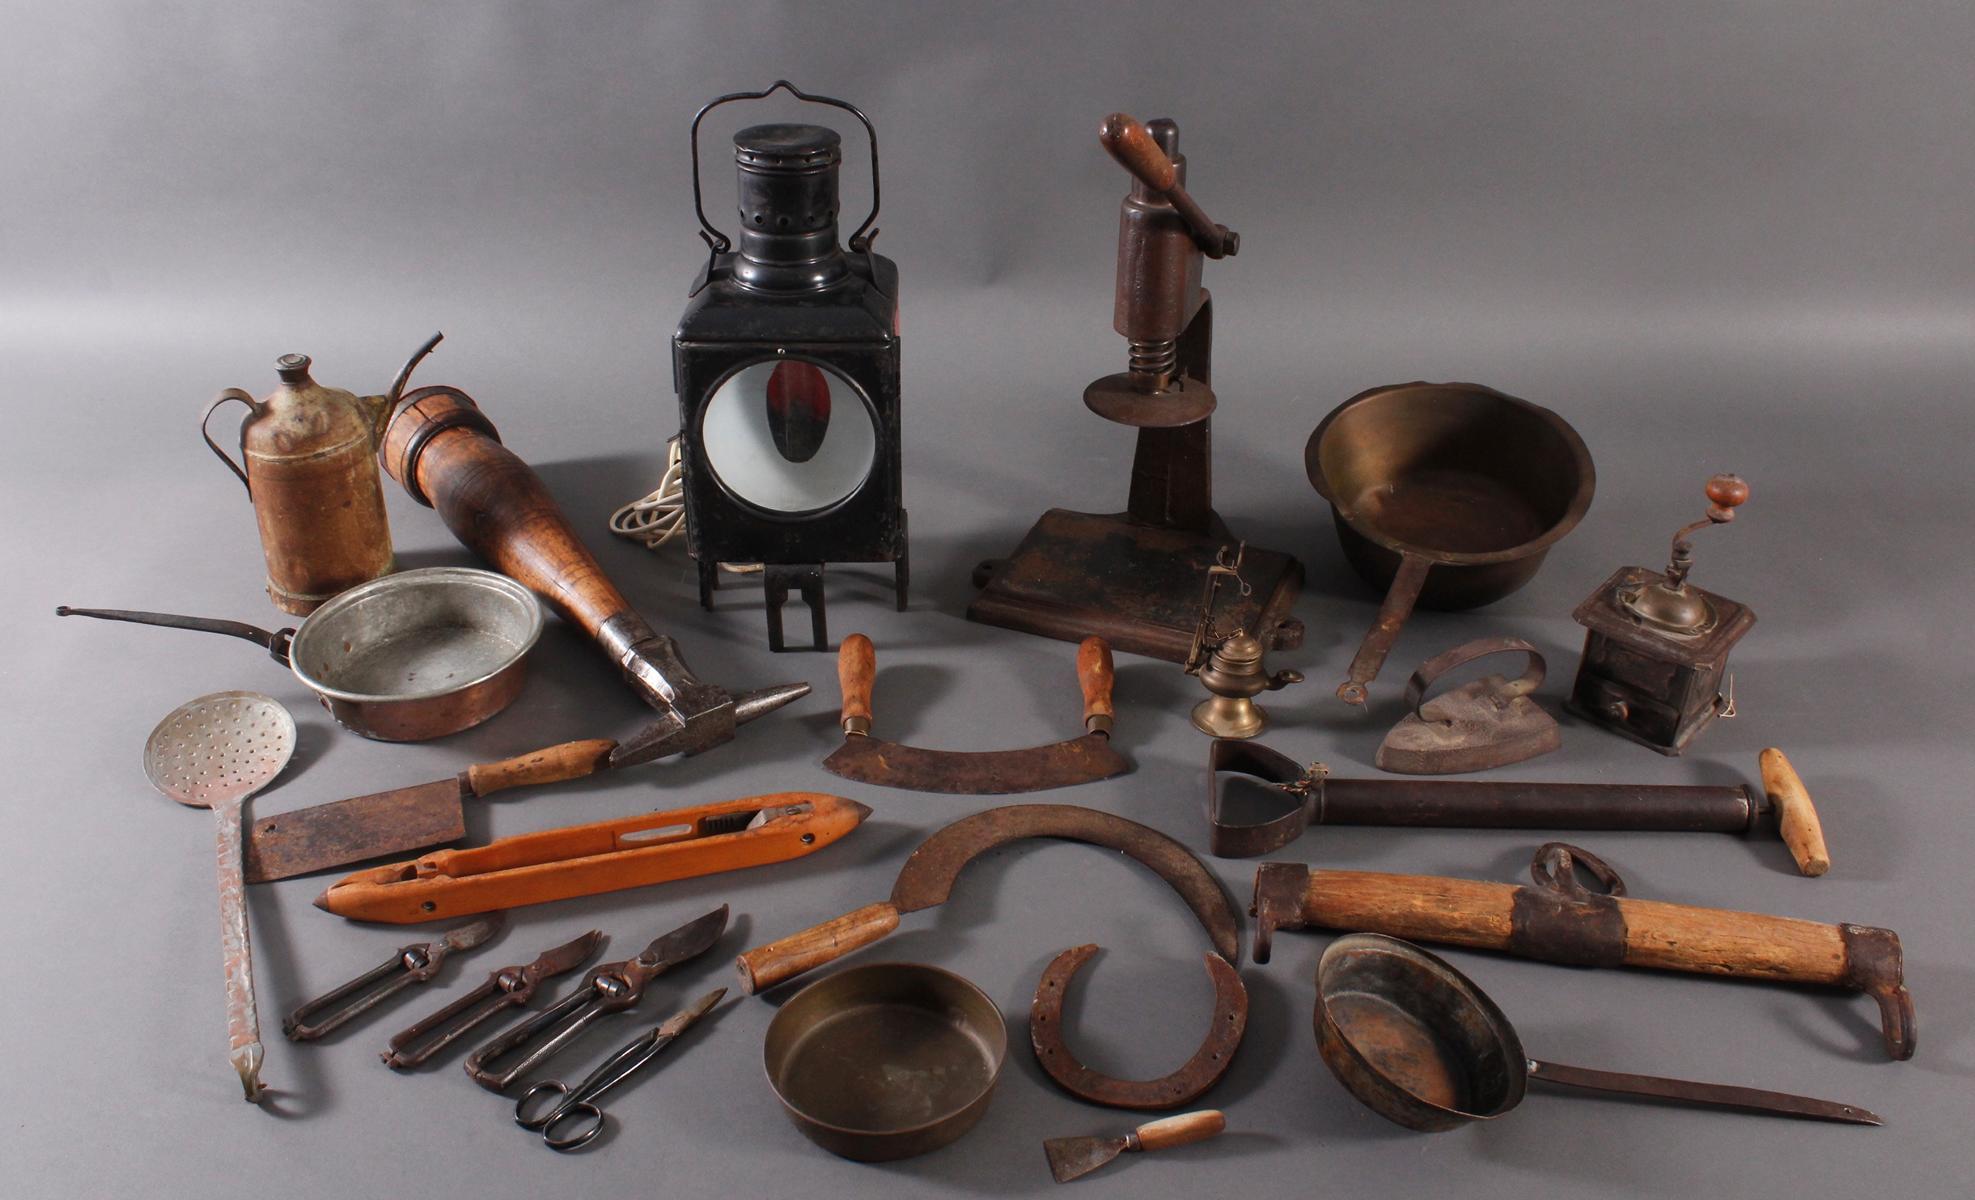 Antike Werkzeuge, Gebrauchs- und Dekorationsgegenstände